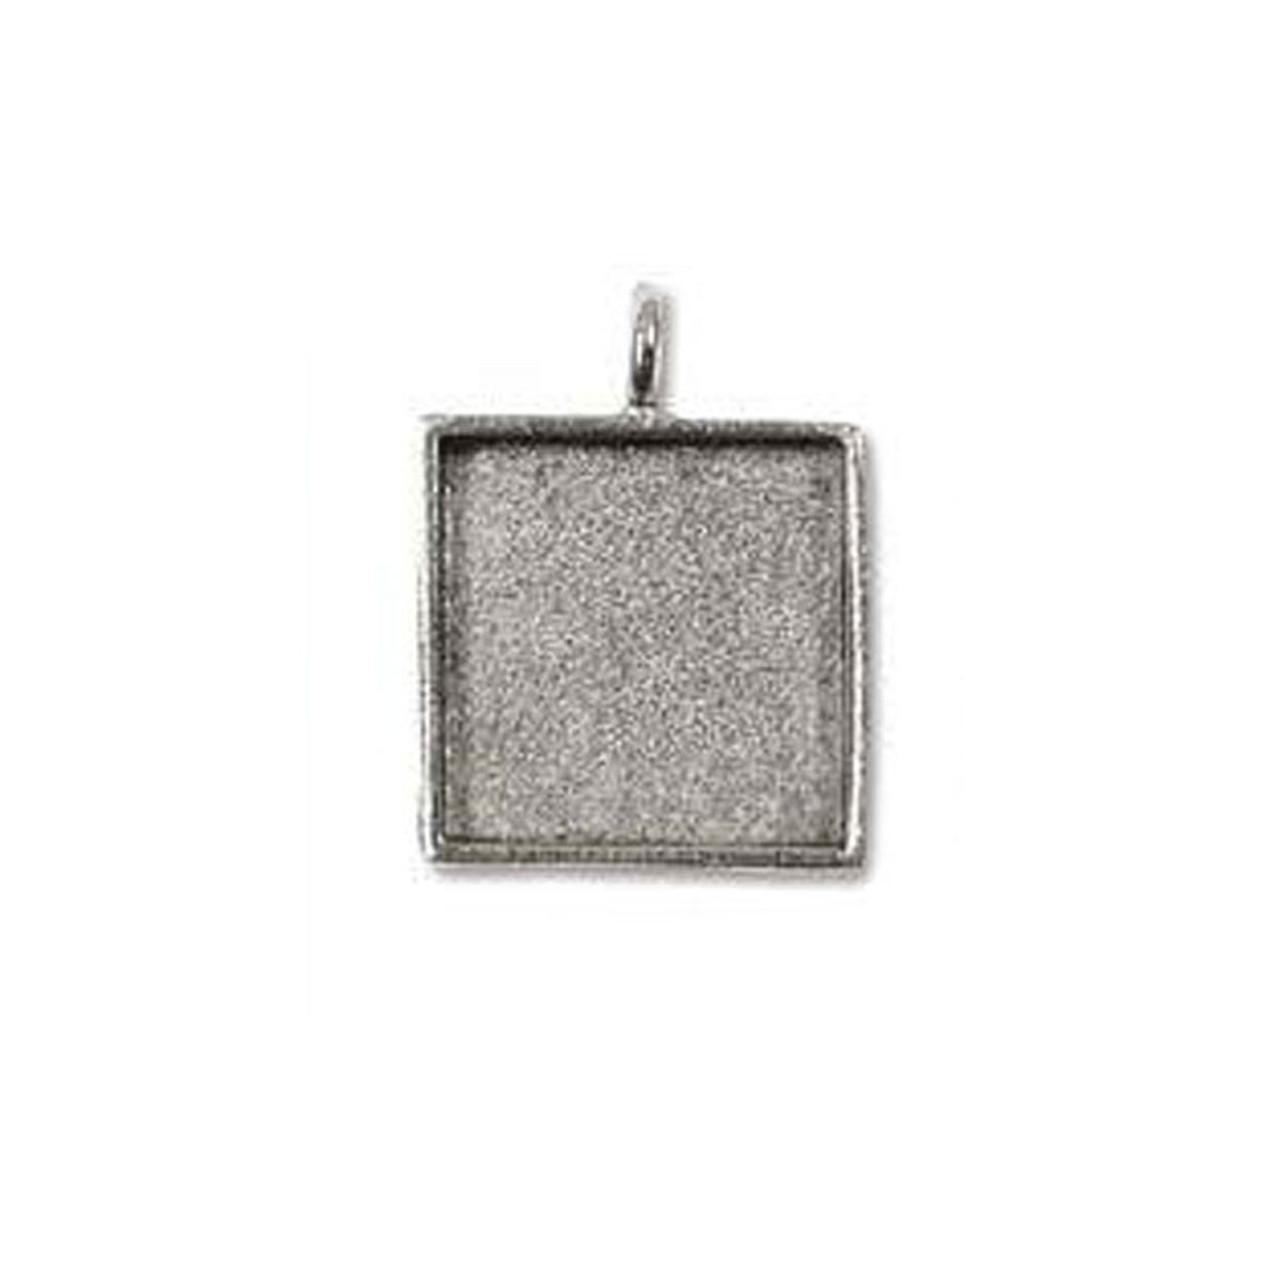 Bezel Pendant Square - Antique Silver - 24mm